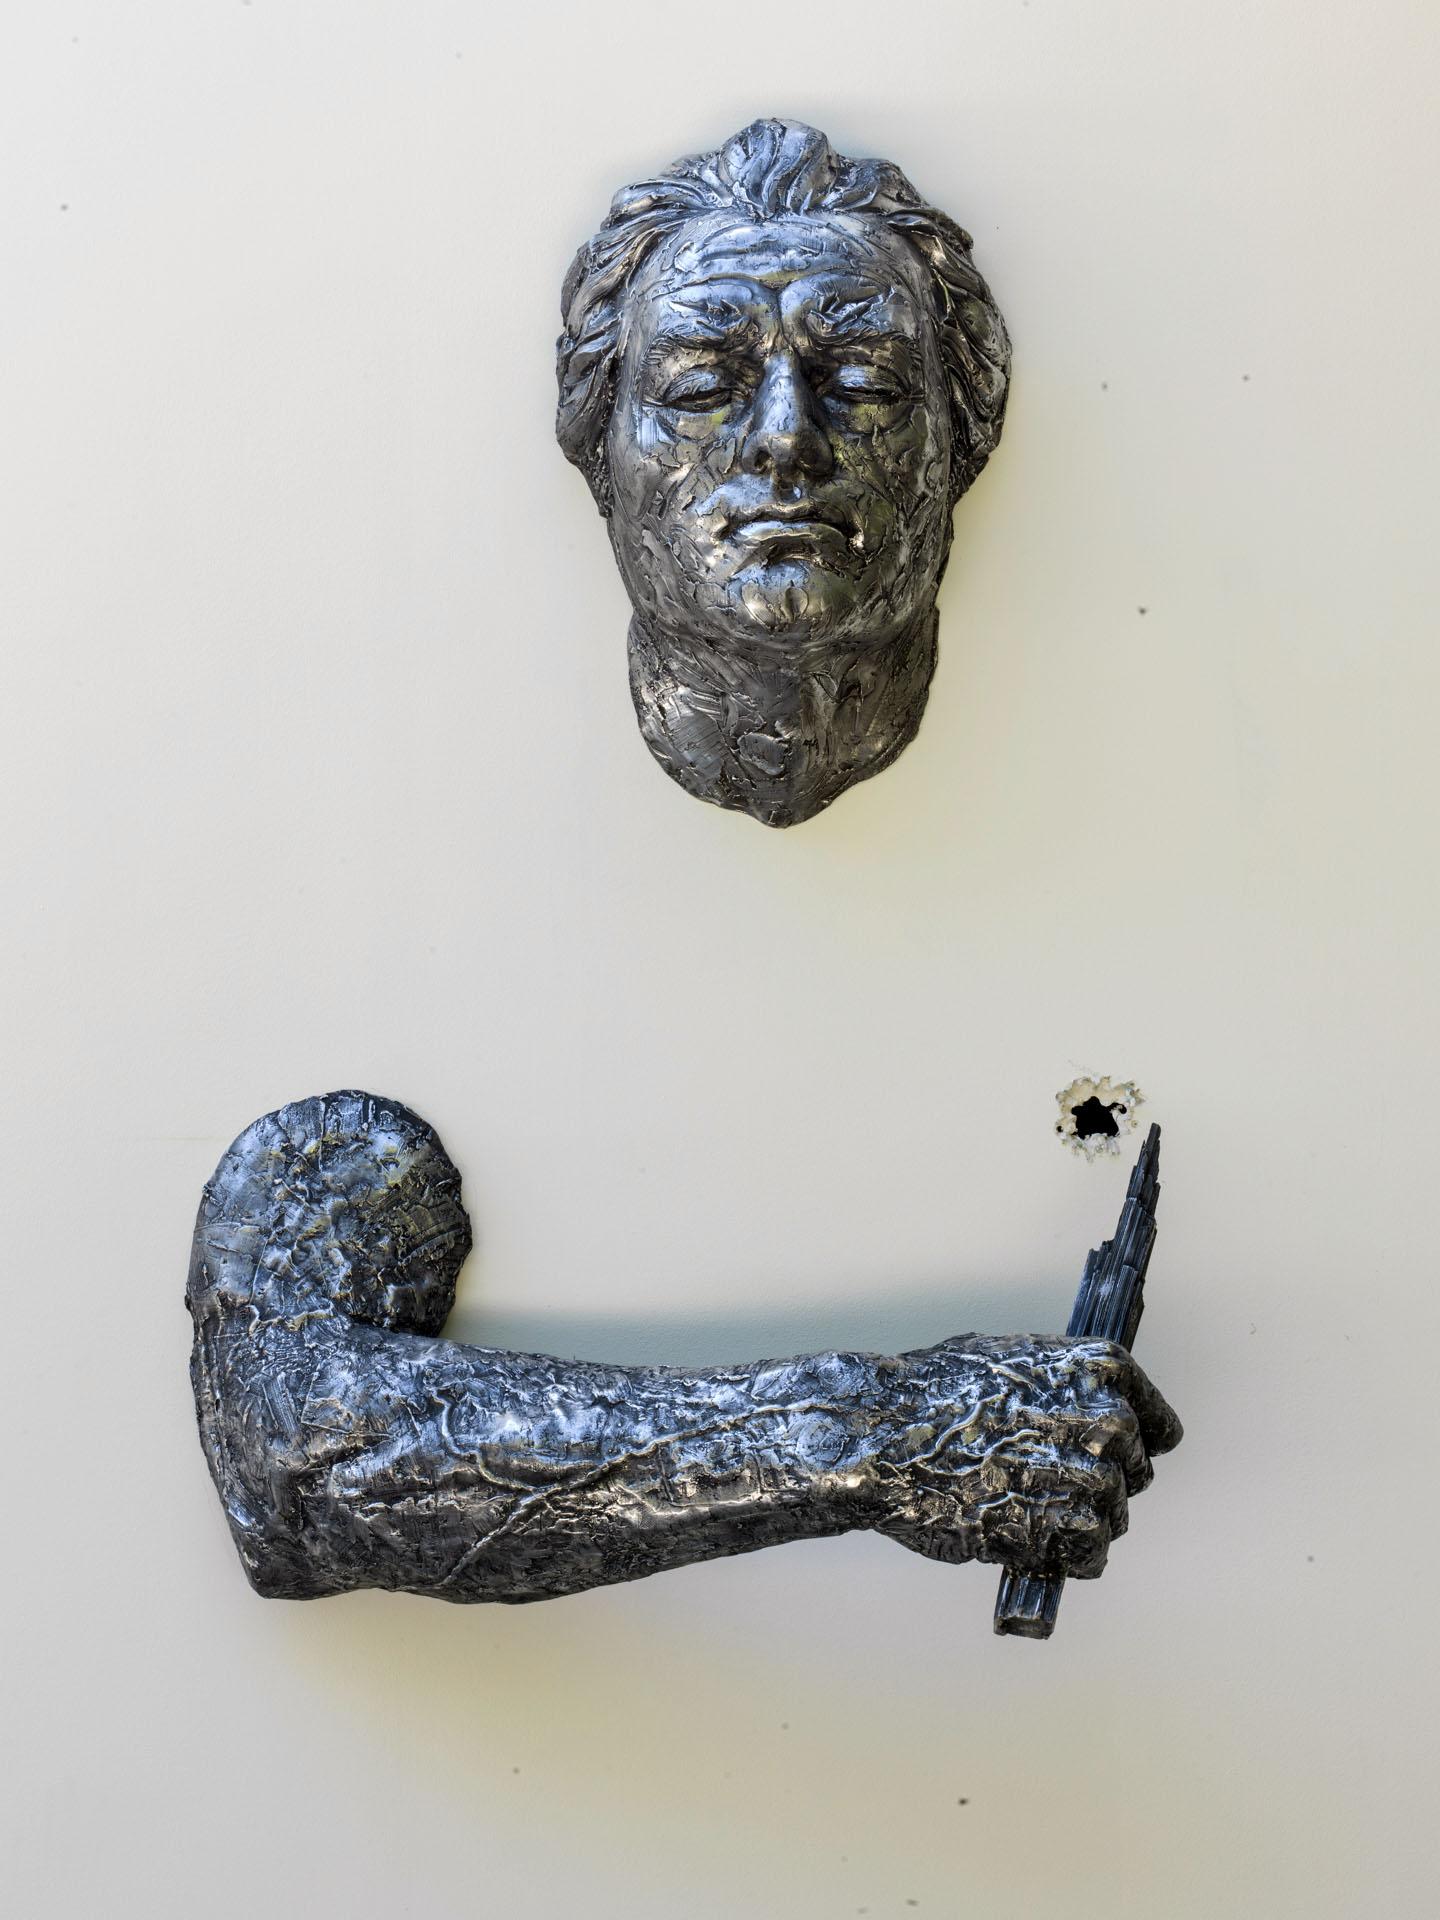 Matteo Pugliese, La Spina, 2010, alluminio, 240 x 135 x 43 cm